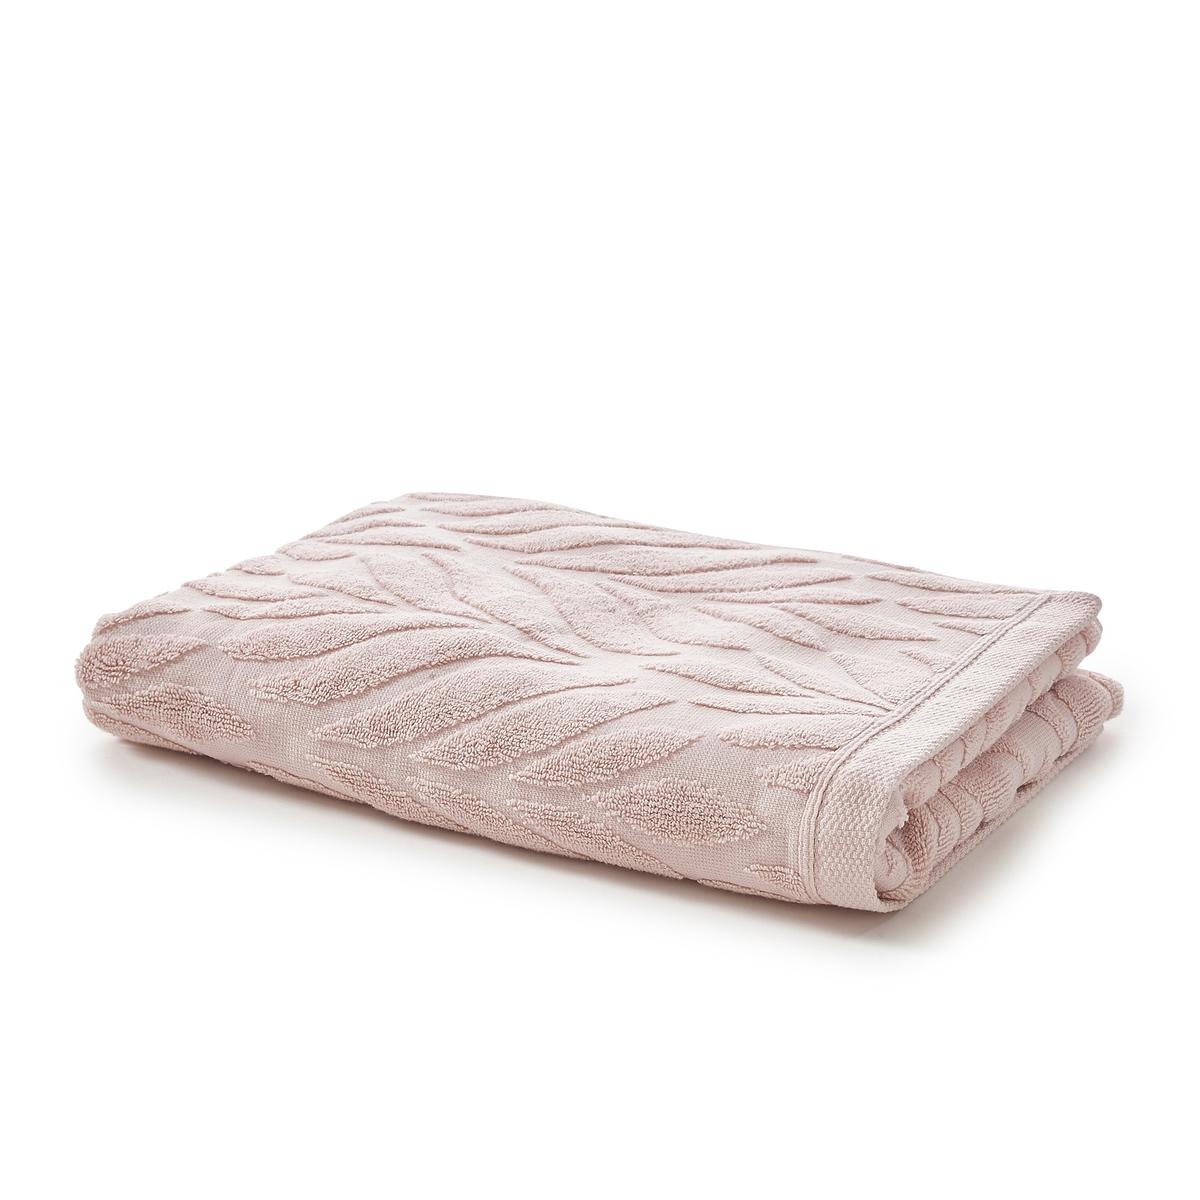 Полотенце банное макси размер, 500 г/м?, VILA REALХарактеристики банного полотенца макси Vila Real :Малая пряжа 100% хлопок, 500 г/м?.Машинная стирка при 60 °С.Размеры банного полотенца макси Vila Real  :100 x 150 см.<br><br>Цвет: белый,серый,телесный<br>Размер: 100 x 150 cm